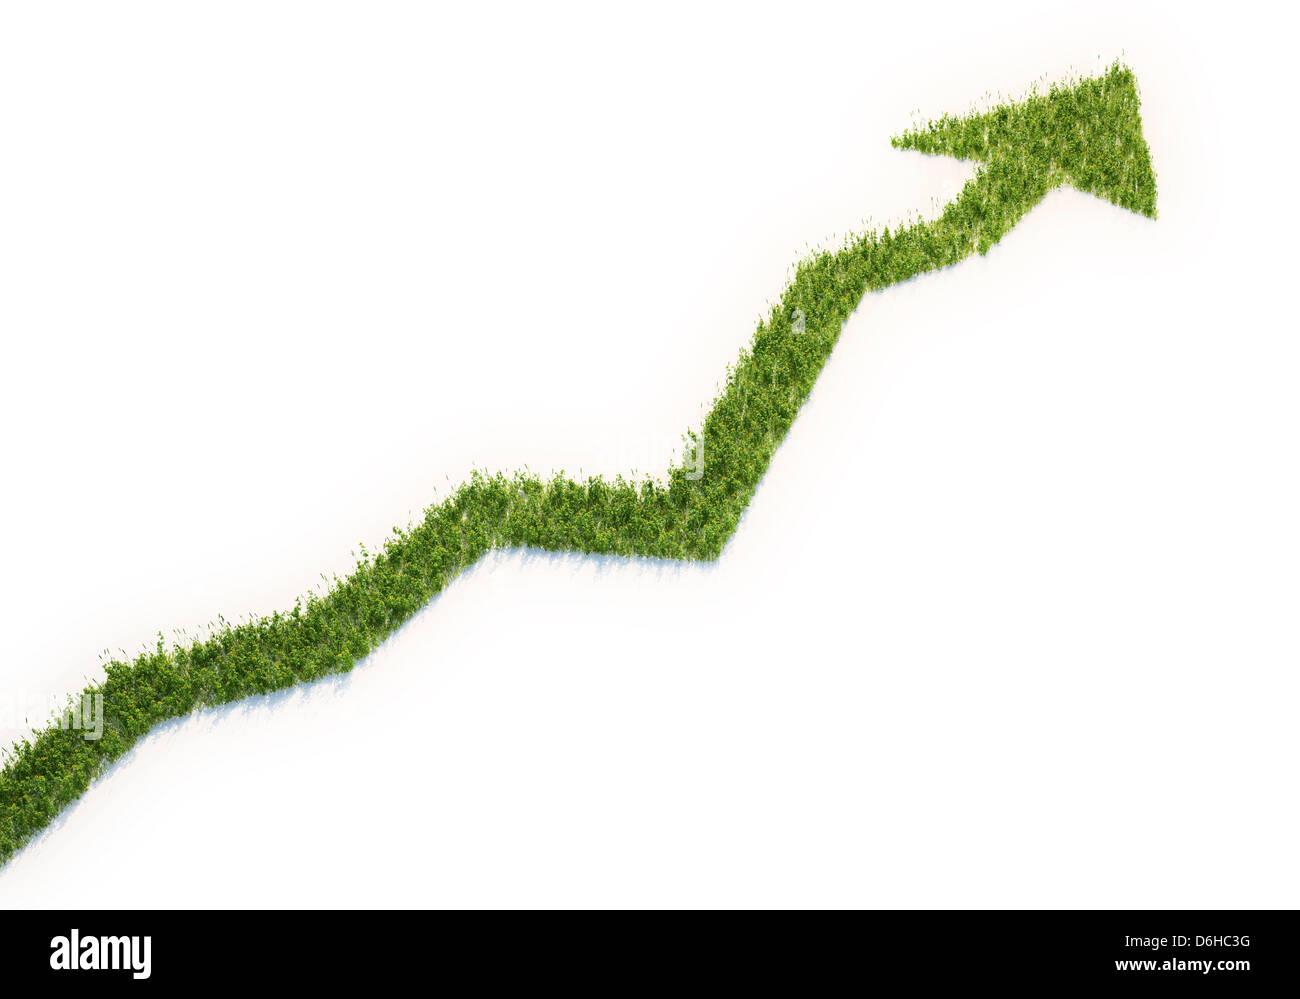 Grüne Wirtschaft, konzeptuellen Kunstwerk Stockbild